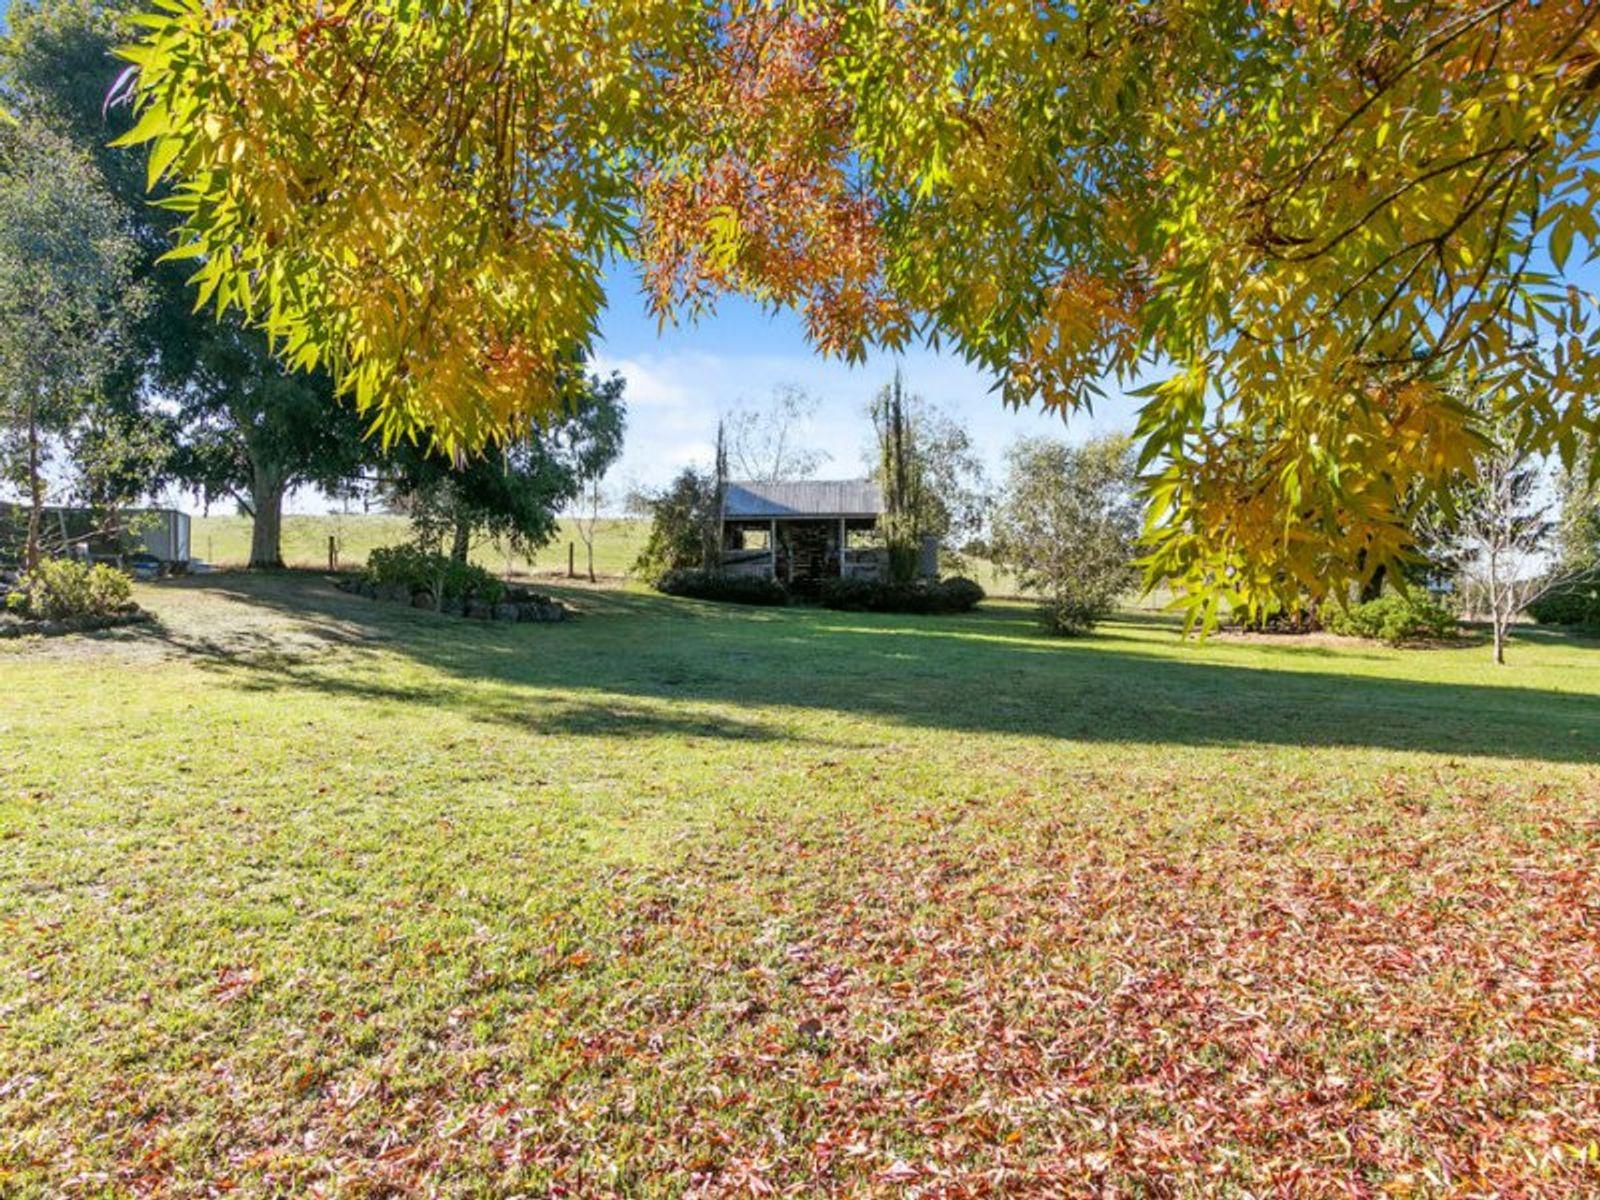 485 Pound Creek Road, Pound Creek, VIC 3996